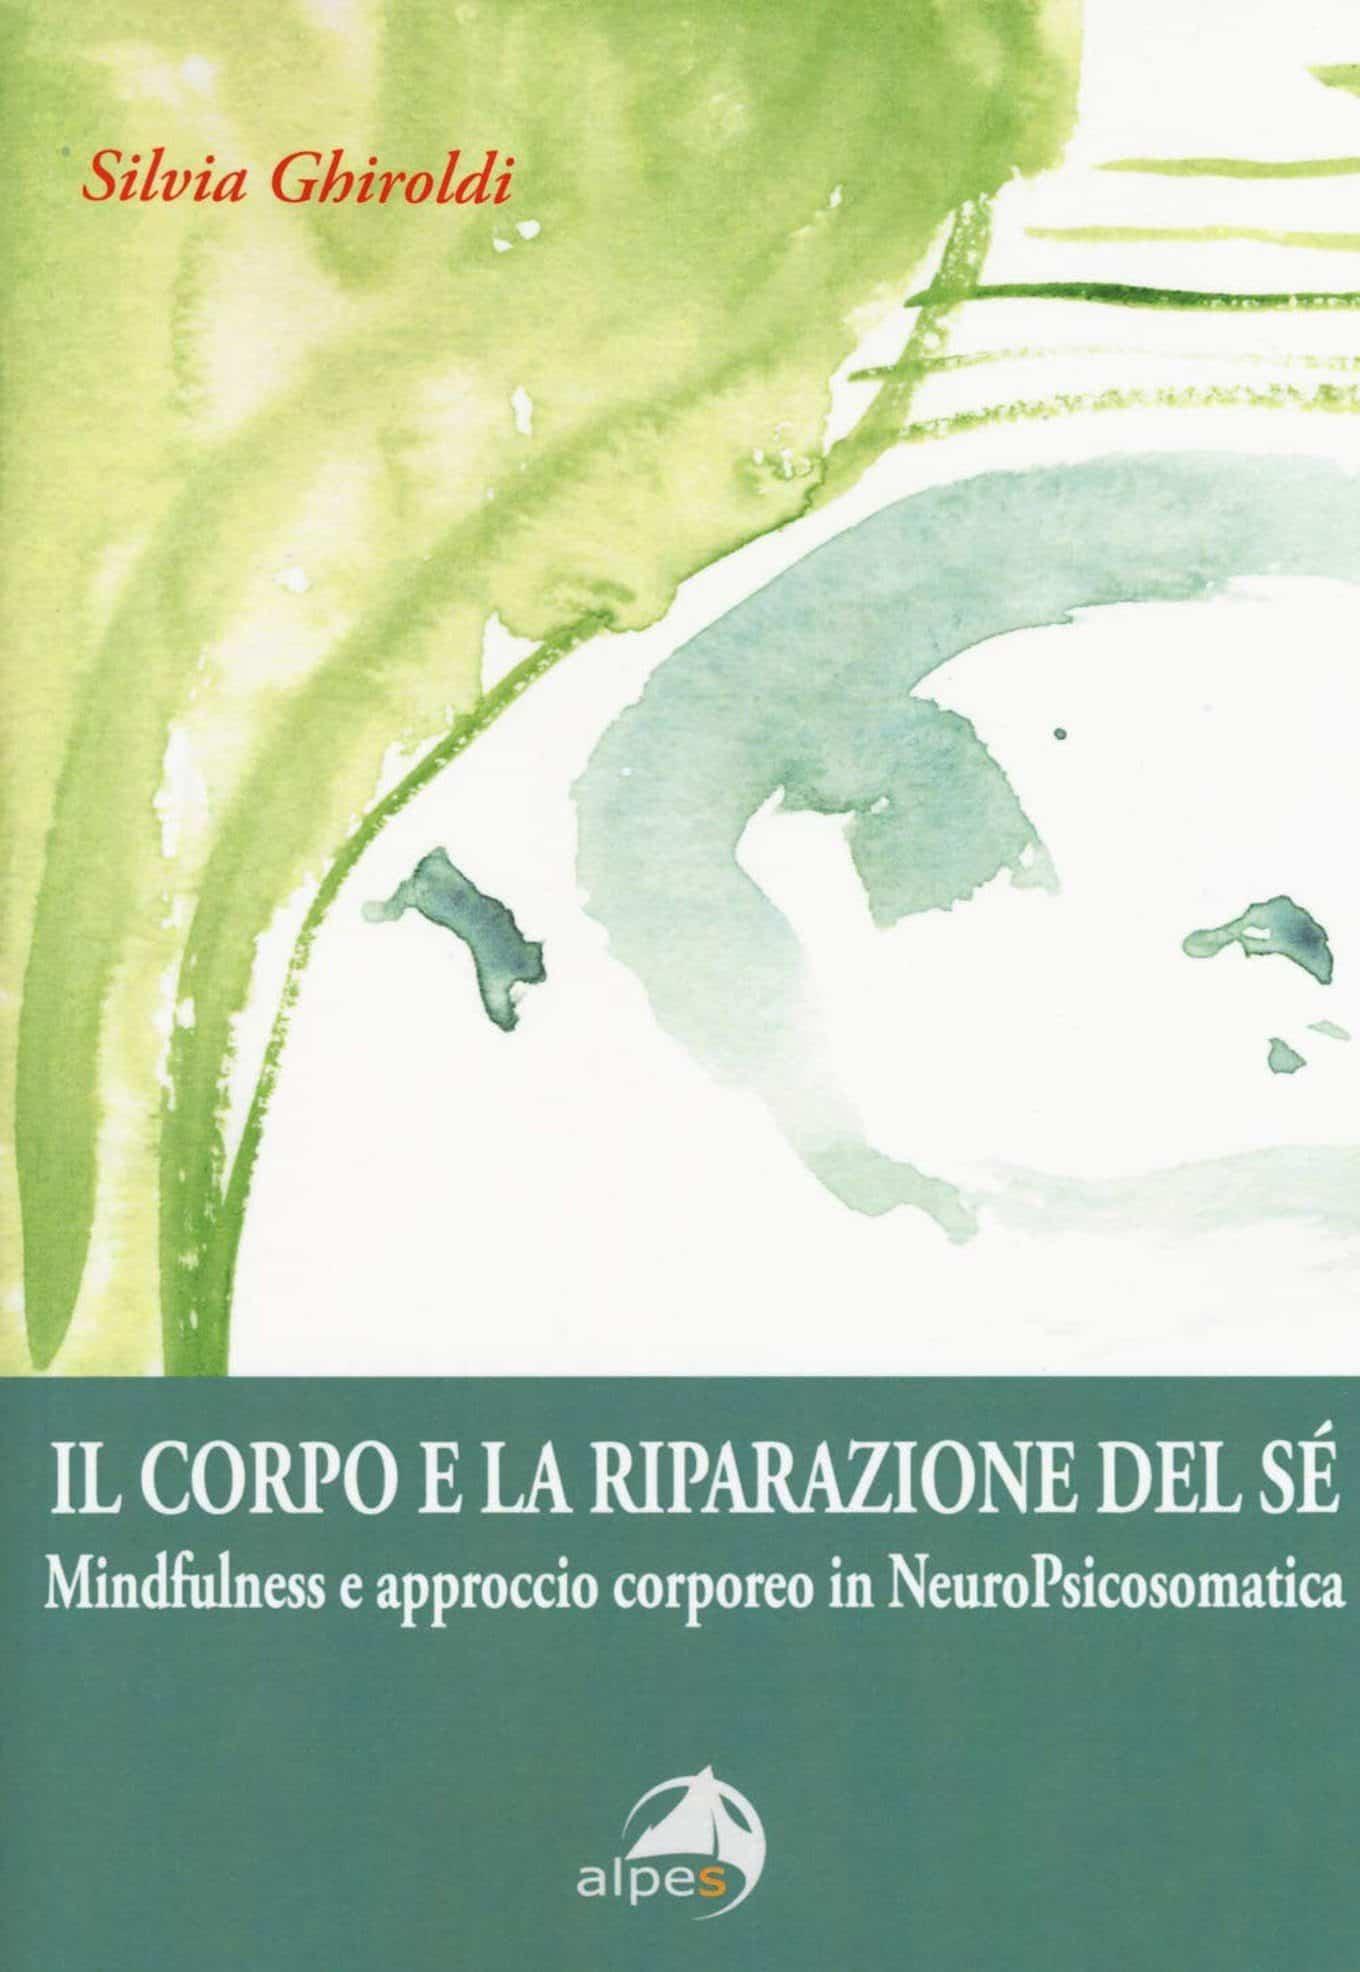 Il corpo e la riparazione del sé. Mindufulness e approccio corporeo in NeuroPsicosomatica (2018) di Silvia Ghiroldi – Recensione del libro